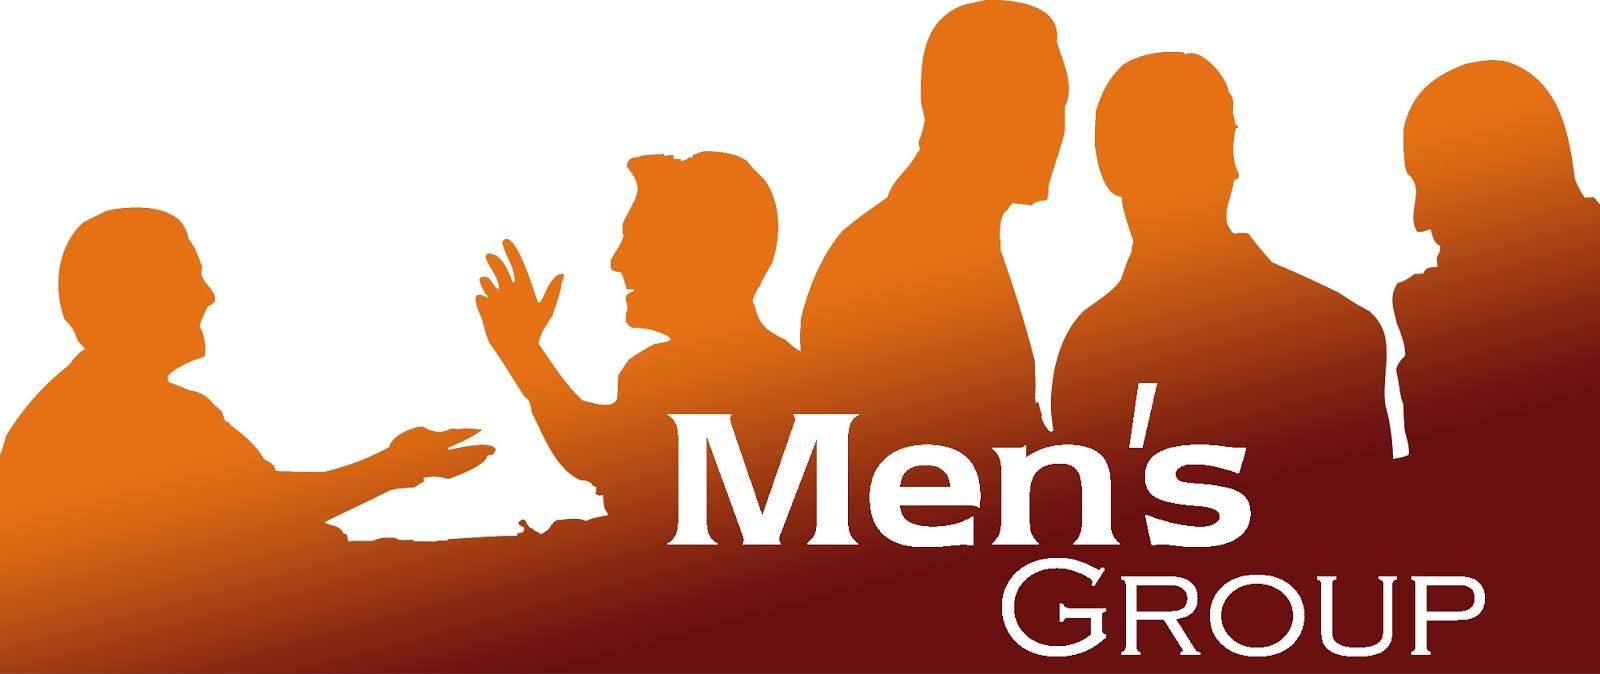 men_1673c.jpg